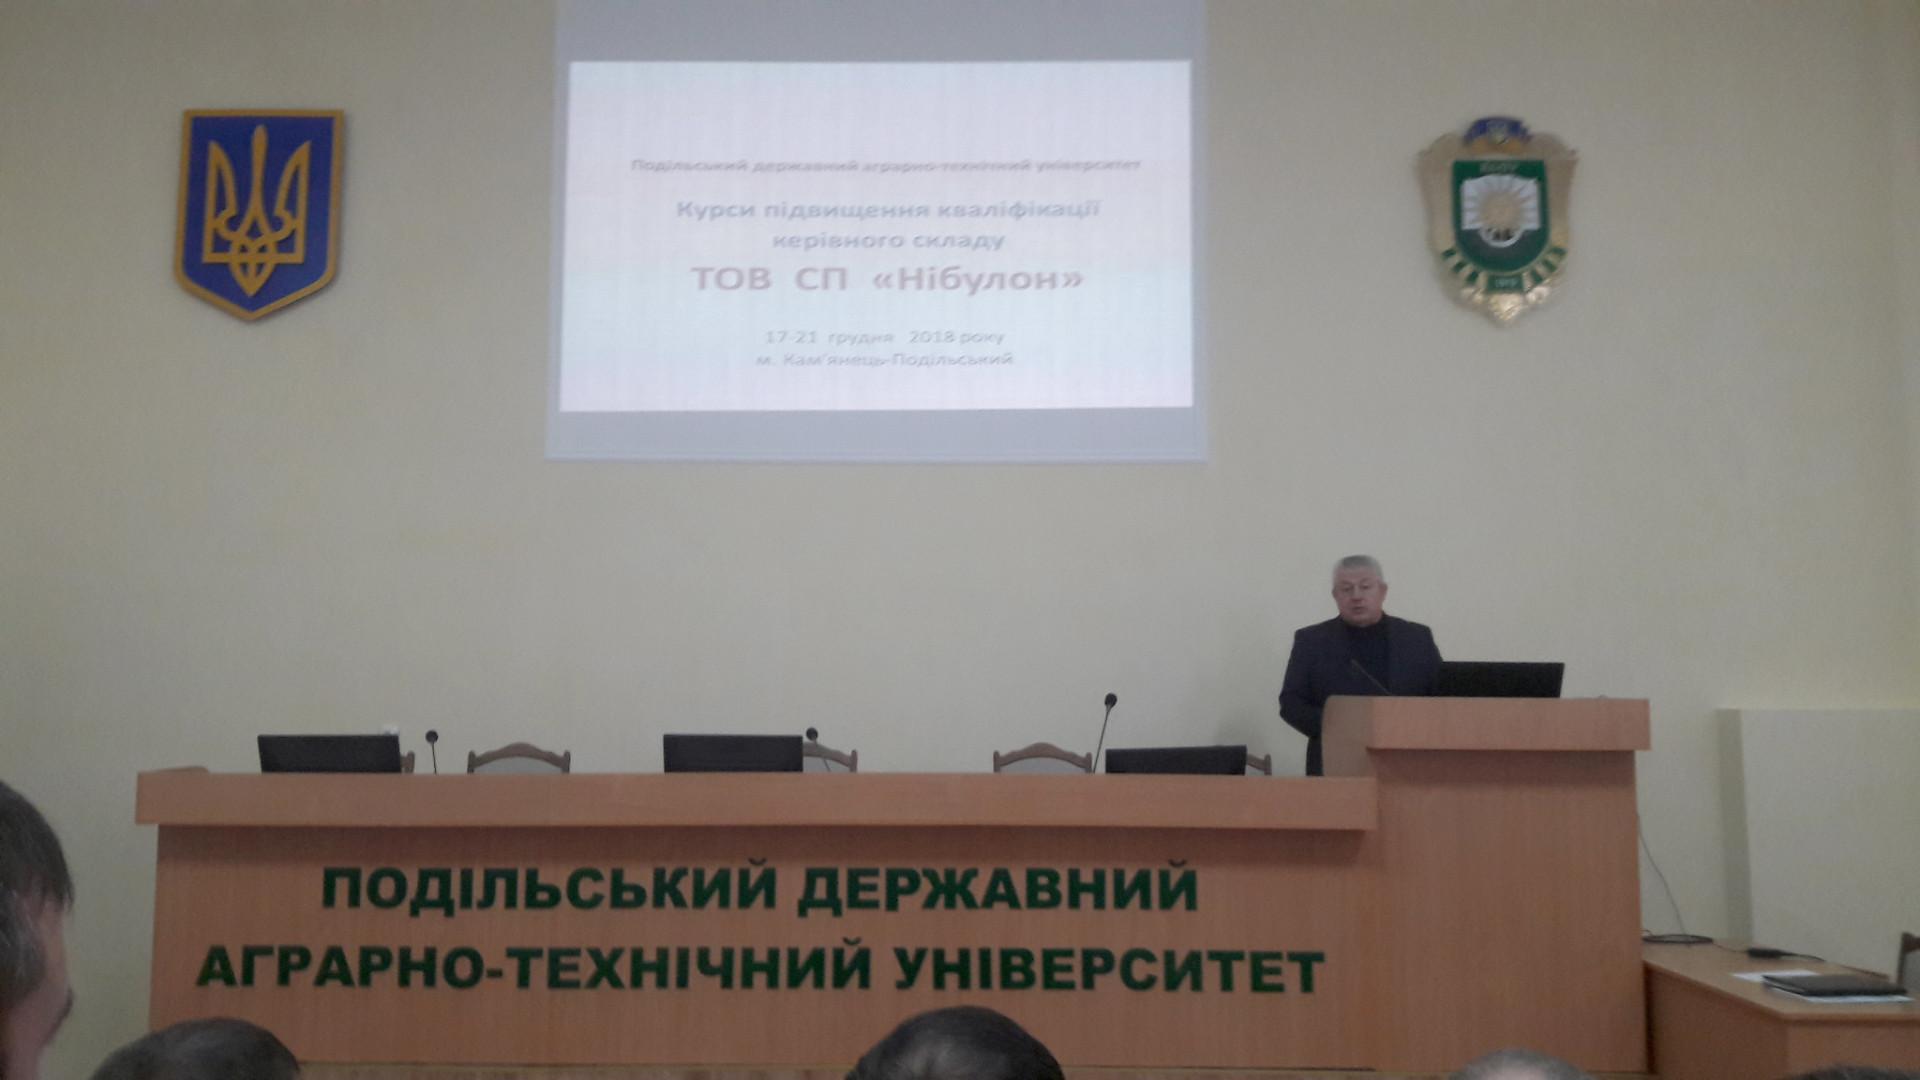 Володимир Іванишин, ректор Подільського державного аграрно-технічного університету